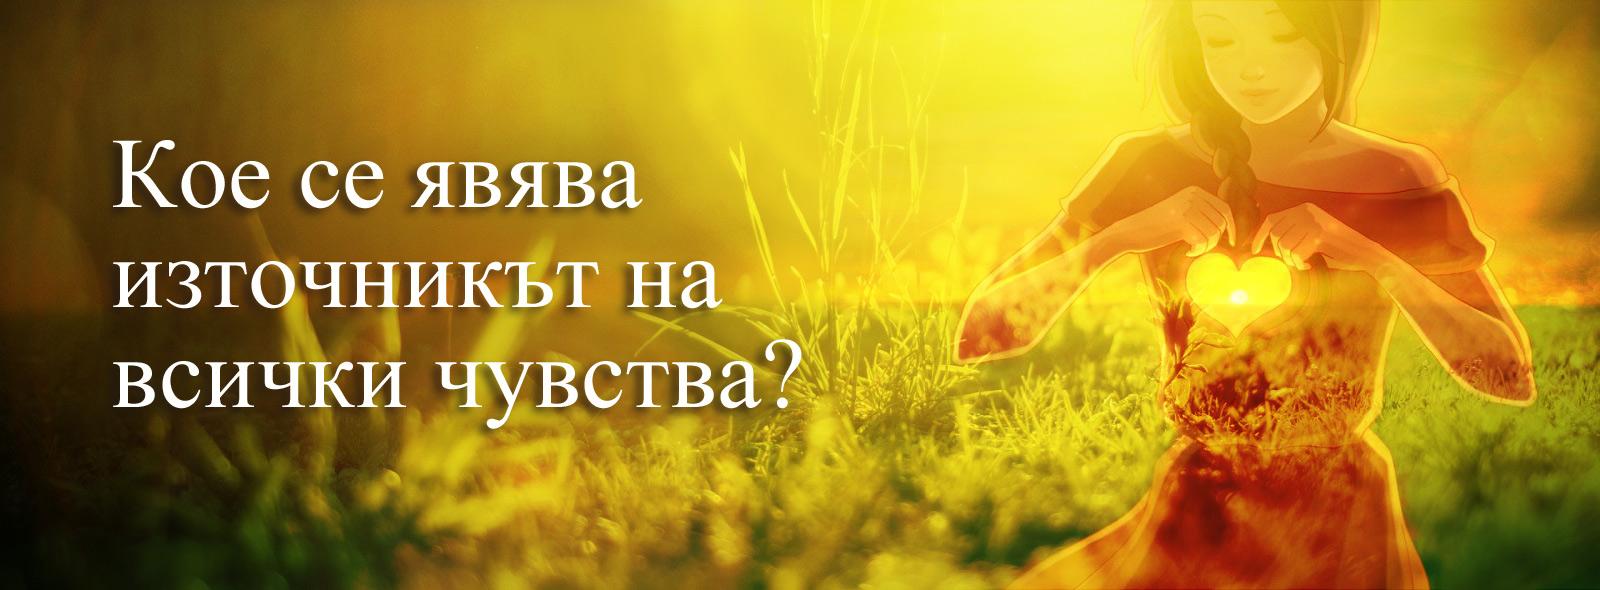 """""""Тайната на щастието"""